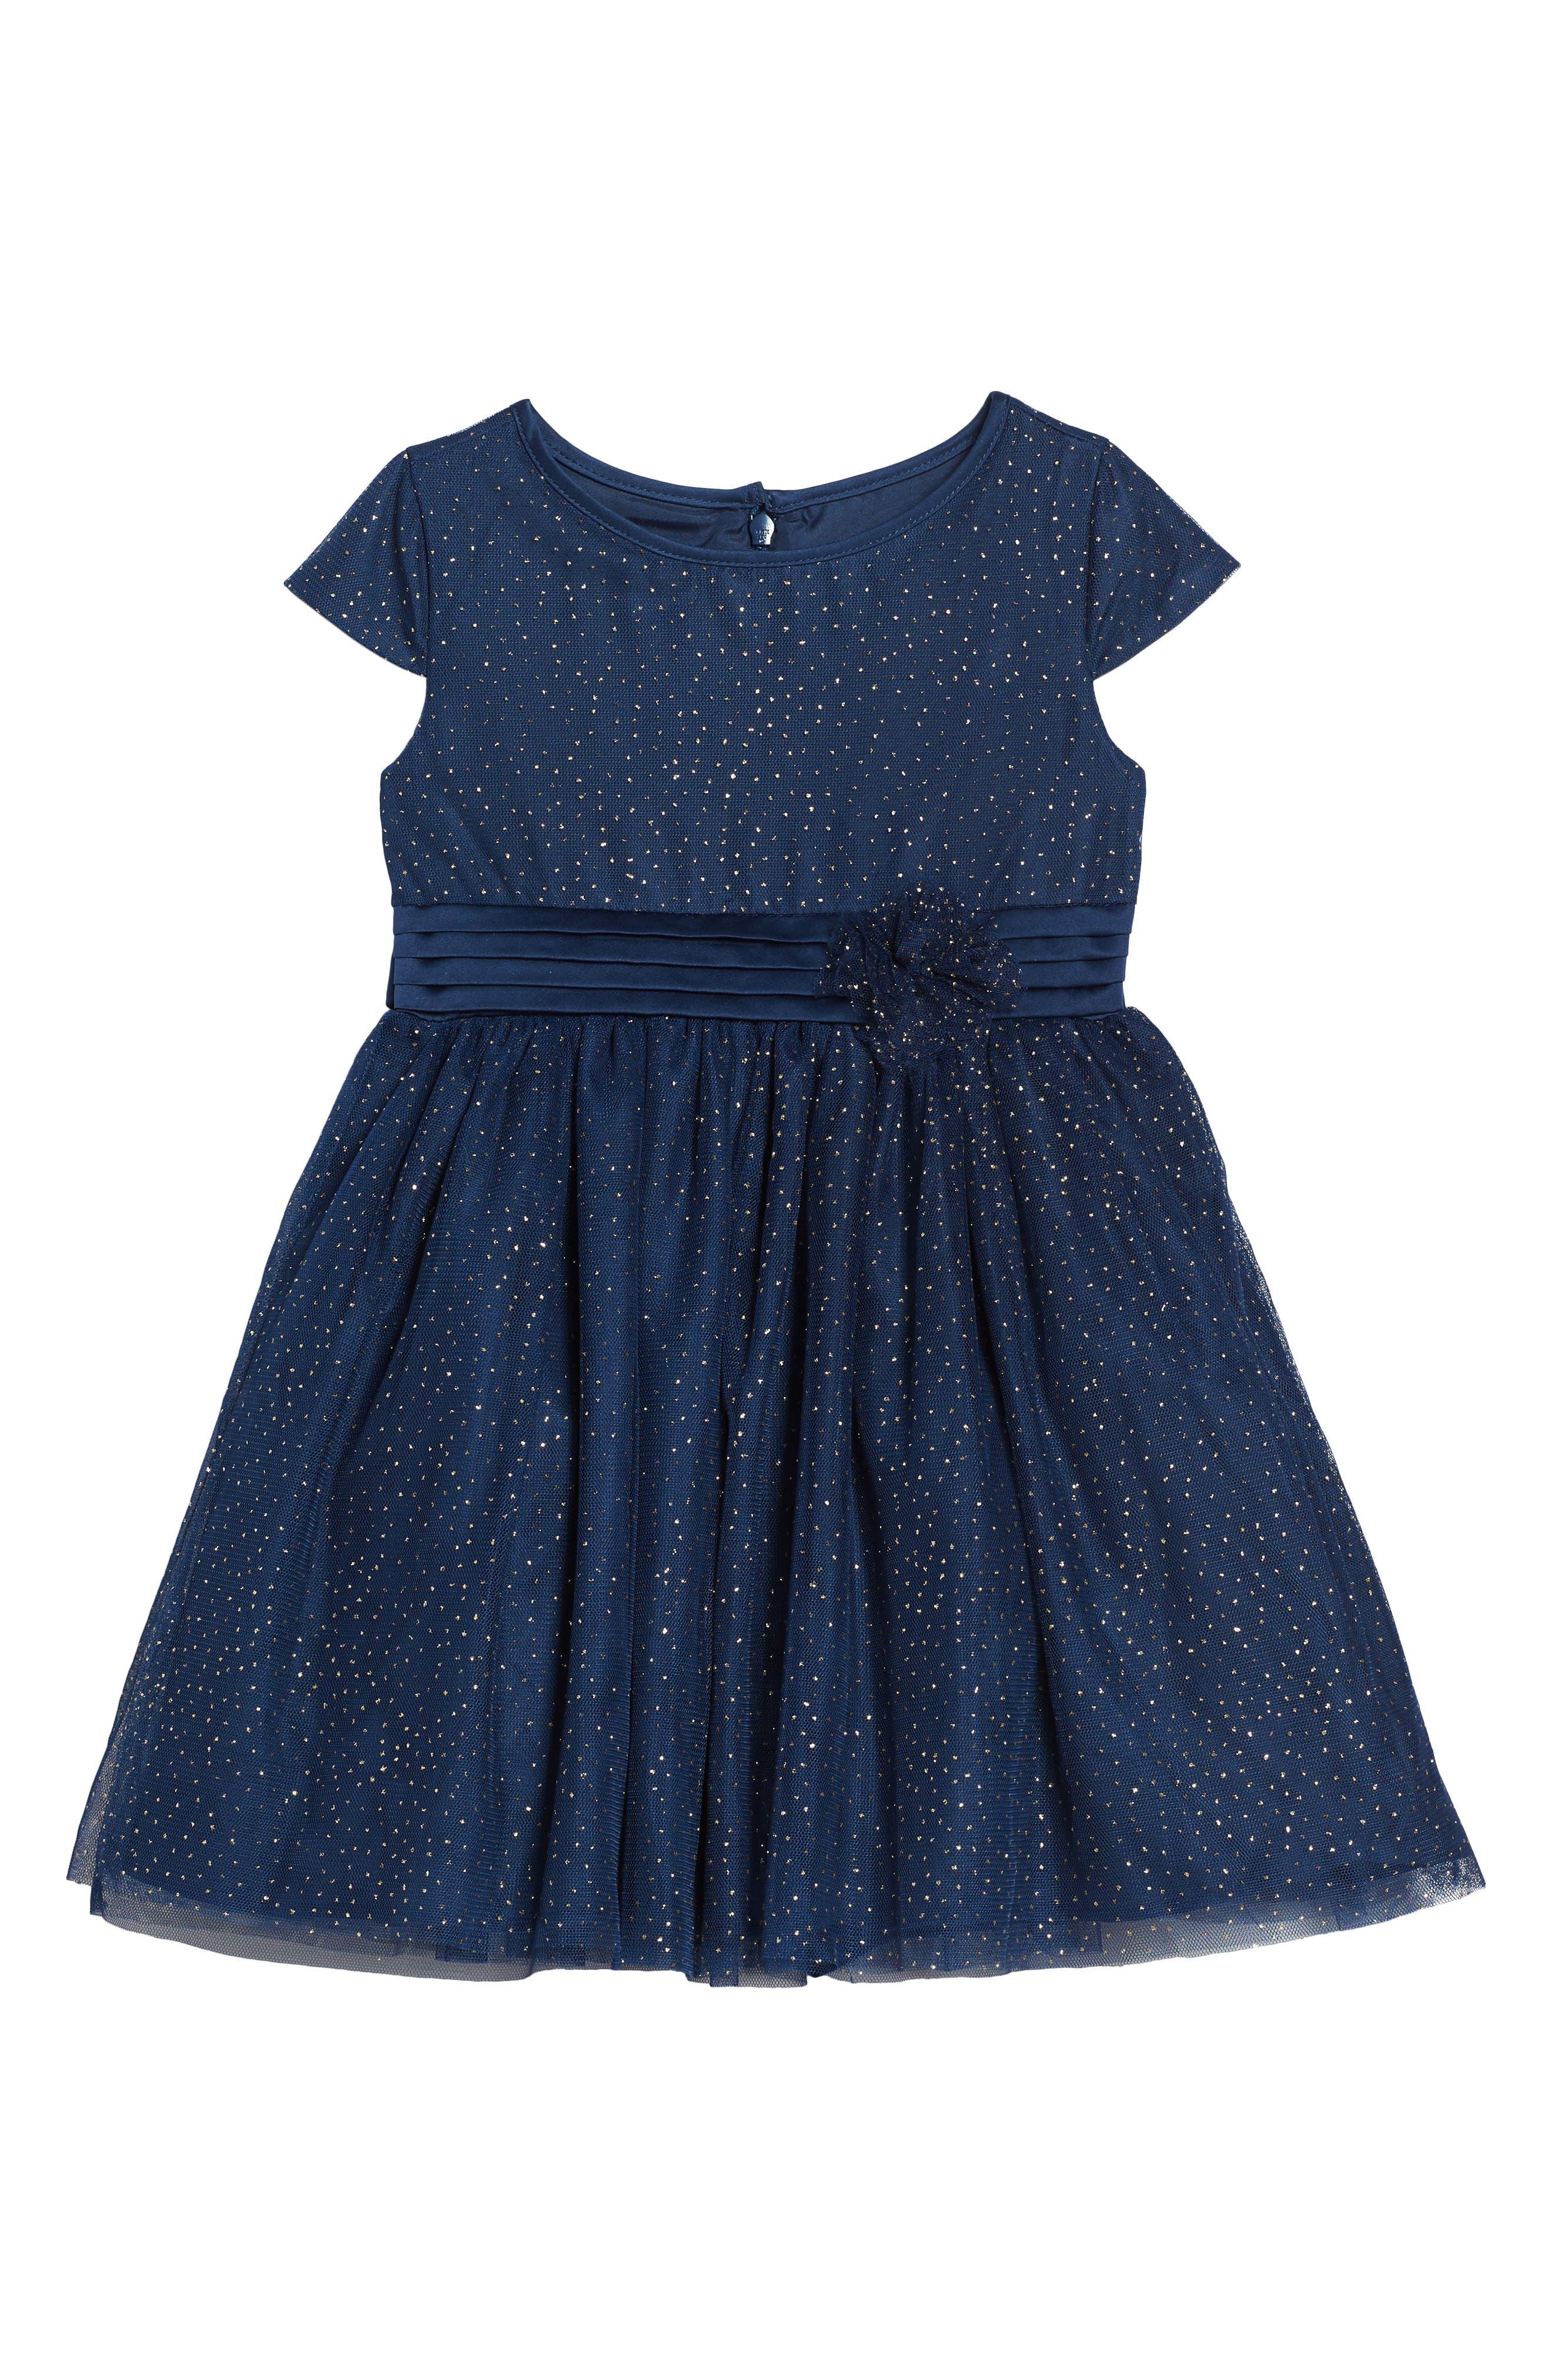 Illusion Mesh Party Dress,                             Main thumbnail 1, color,                             Navy